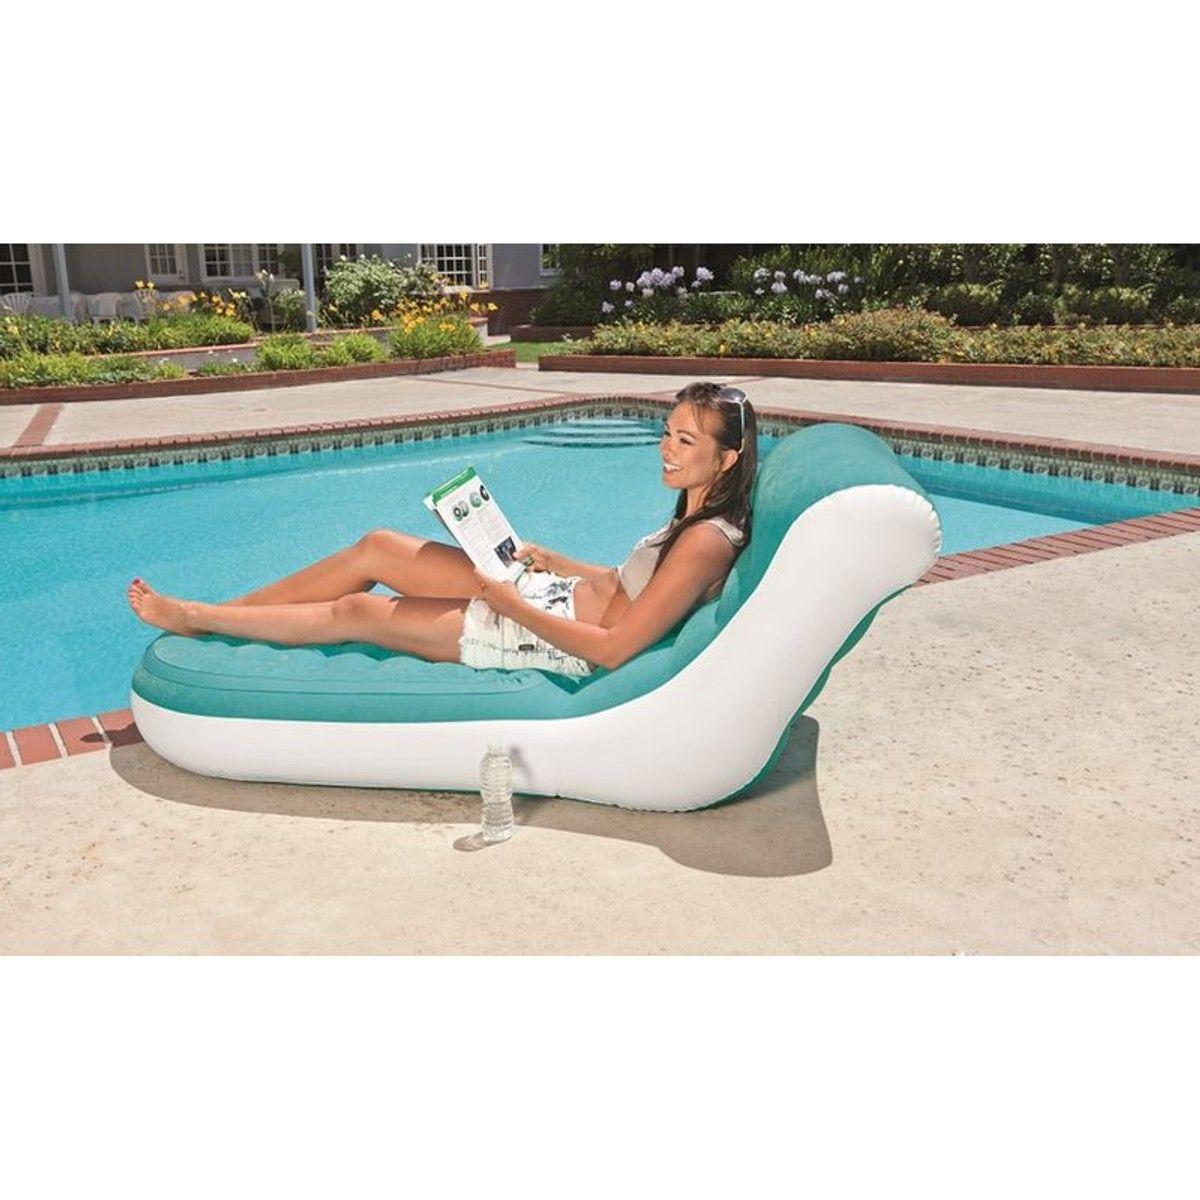 Intex Lounge Floating Comfort Matelas Gonflable Flotteur Piscine Fauteuil Chaise Longue